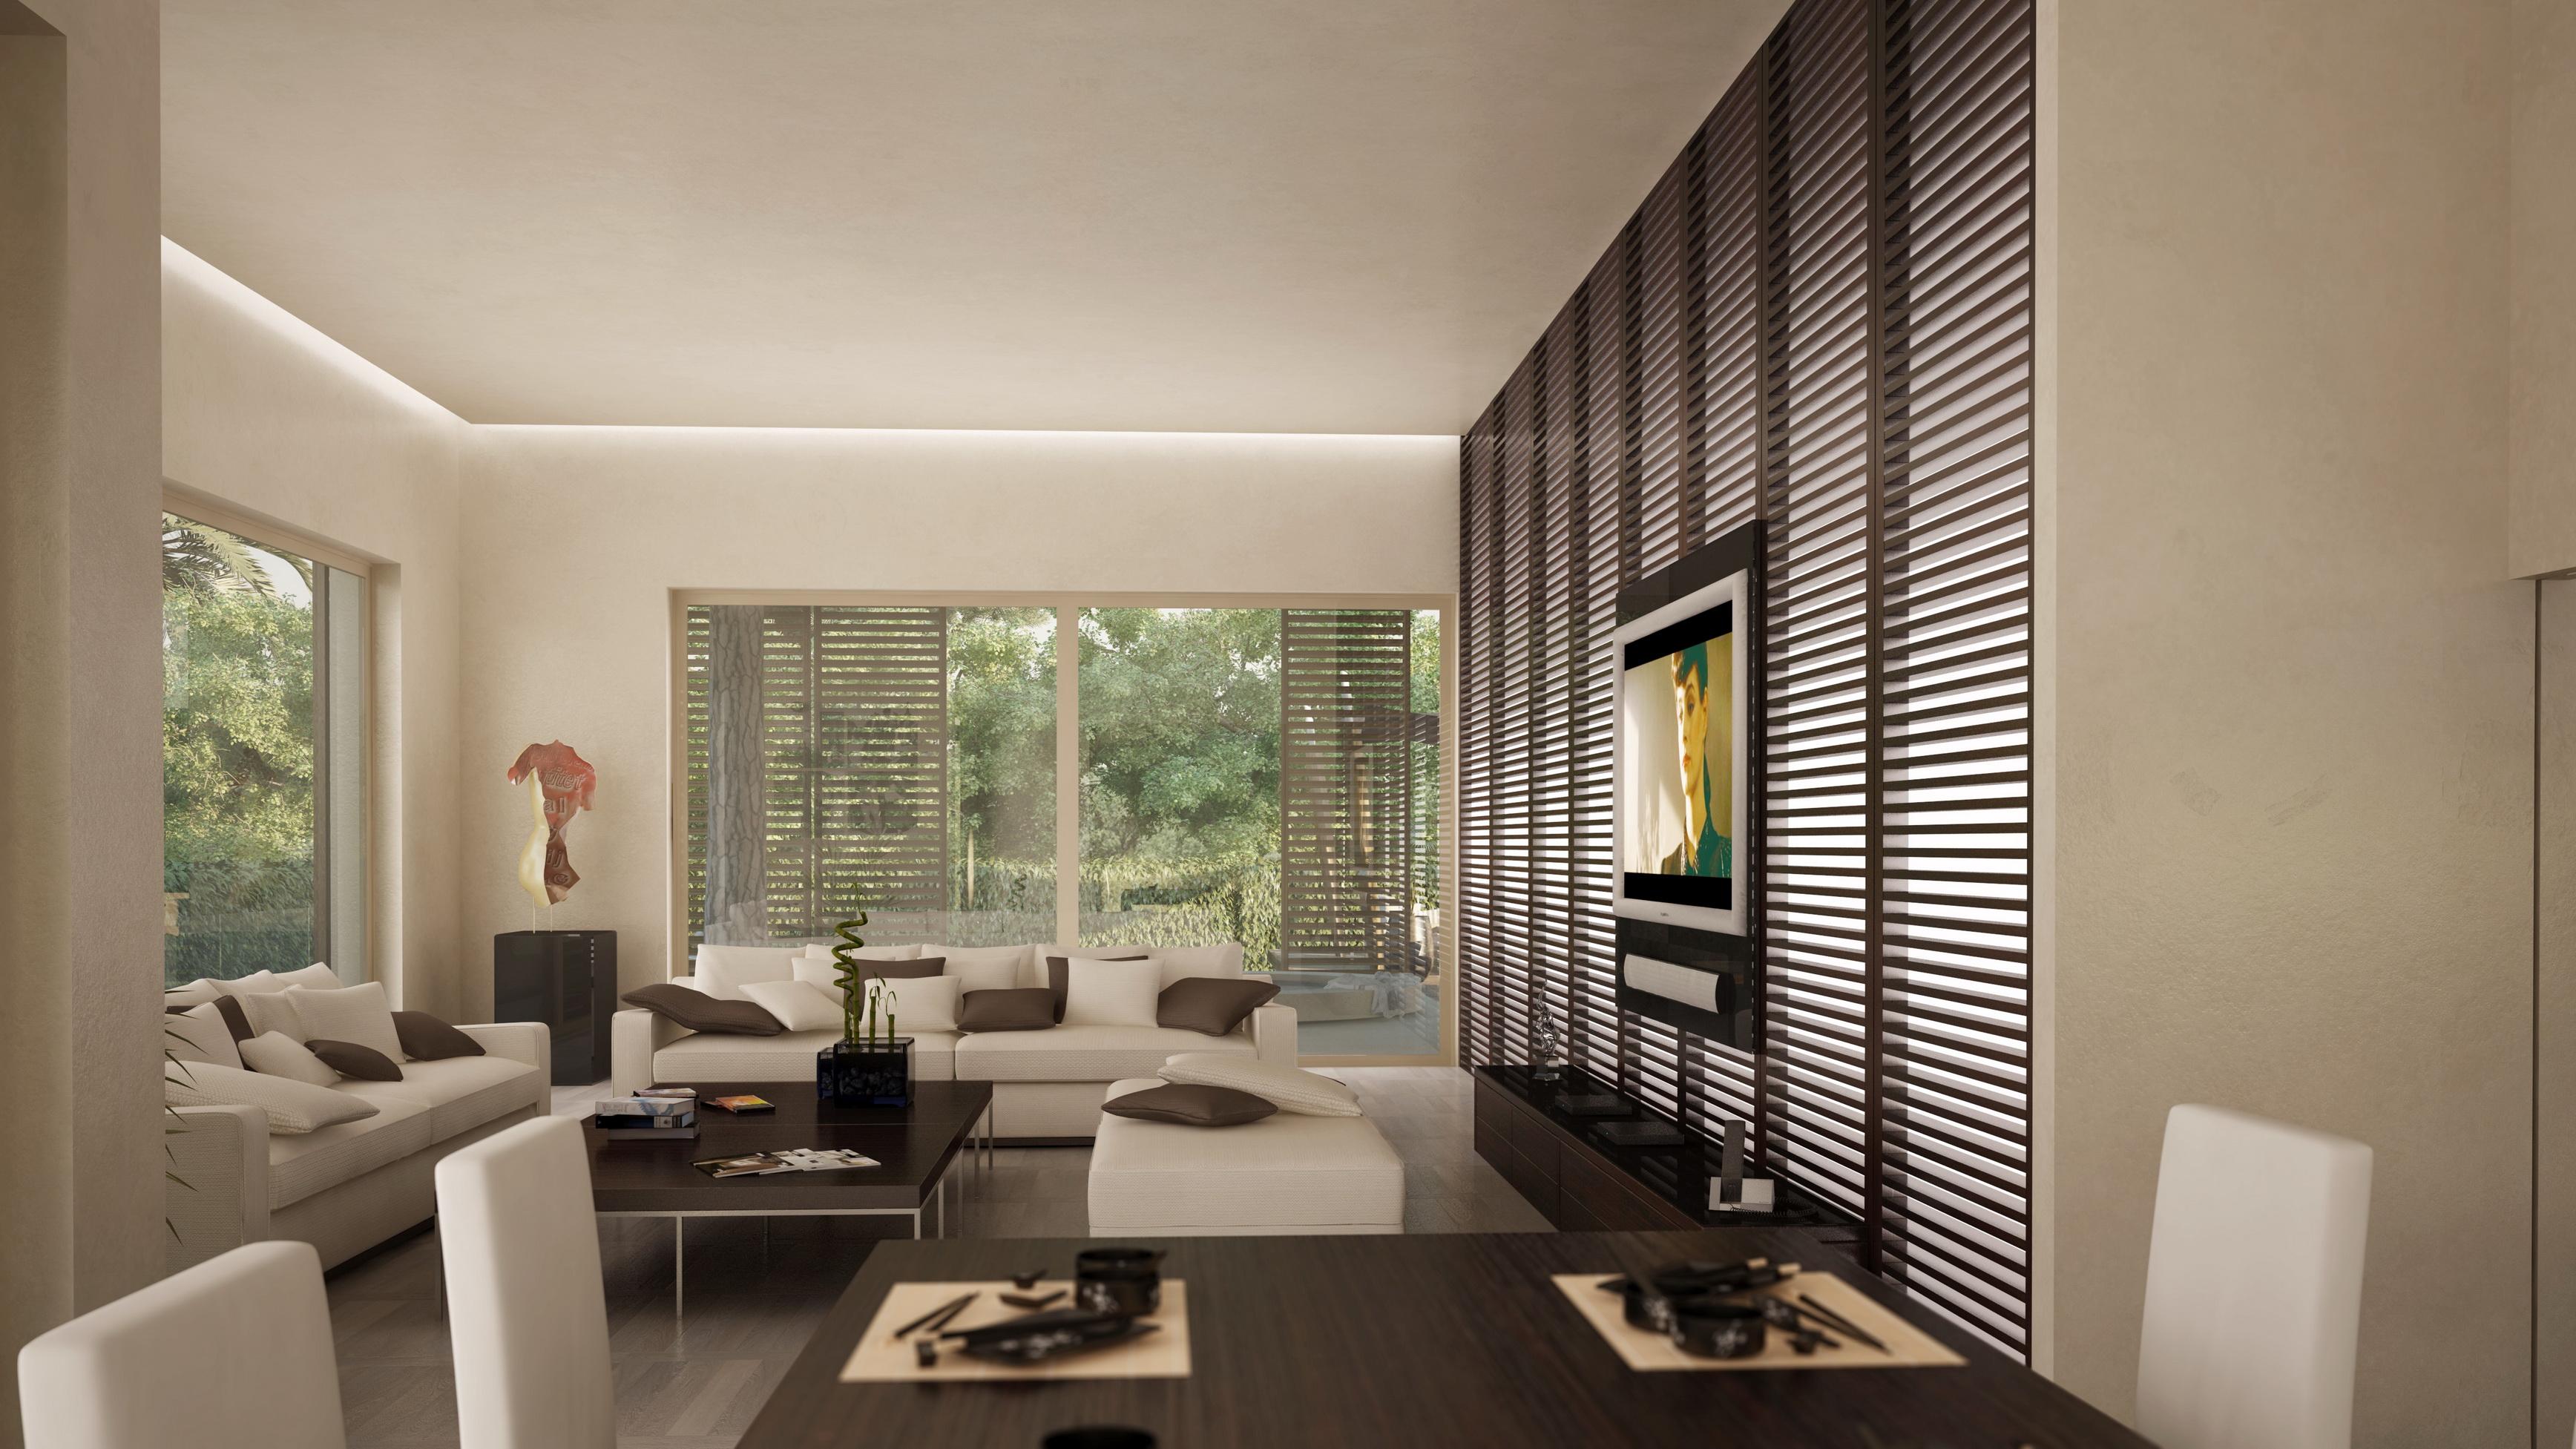 Progettazione di interni edilizia zibellini for Corsi per arredatore d interni